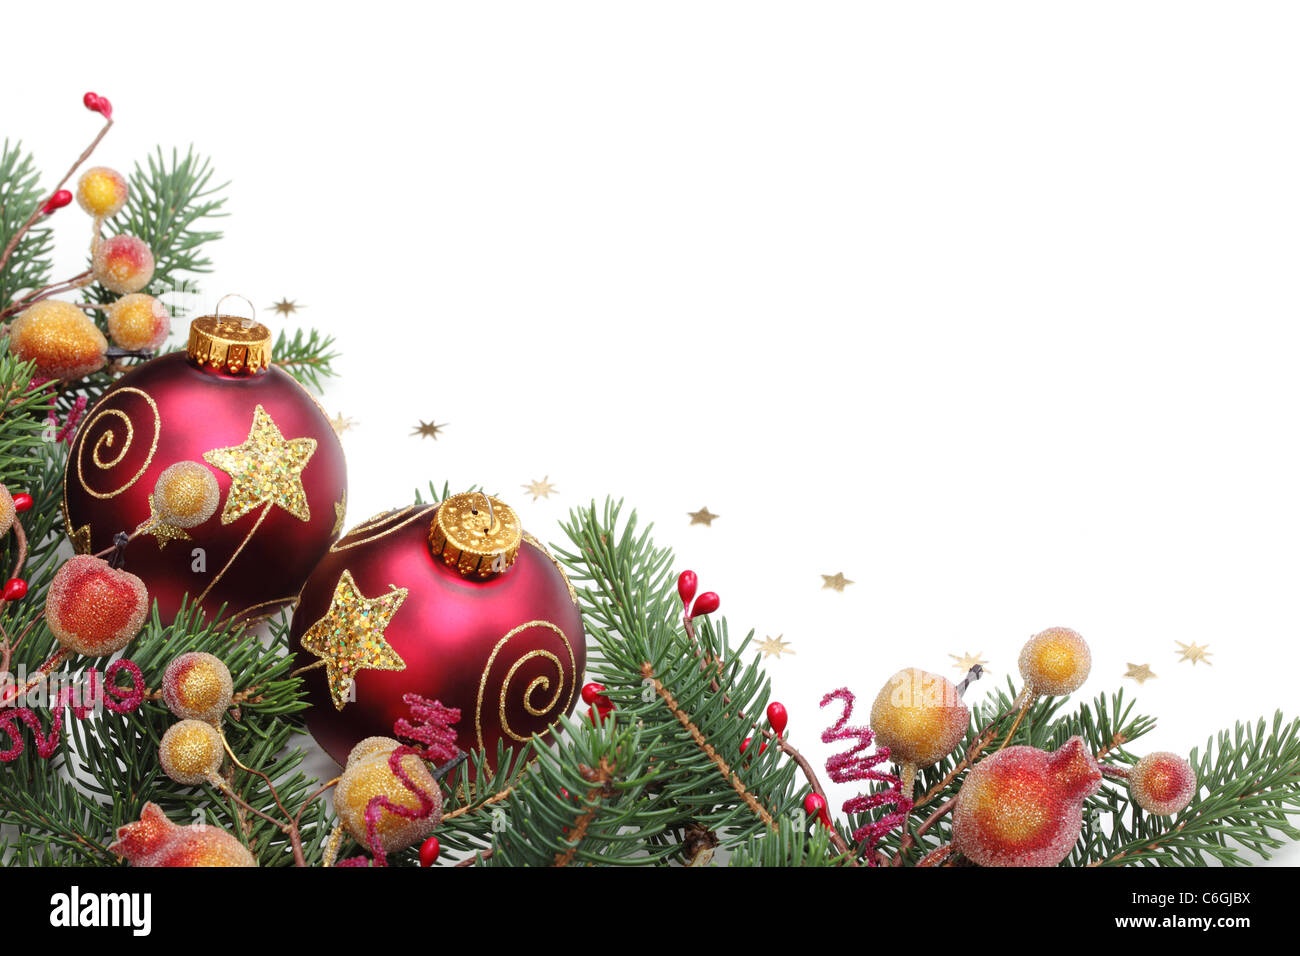 Weihnachtsbilder Mit Kugeln.Tannenzweigen Beeren Und Kugeln Für Weihnachten Grenze Stockfoto